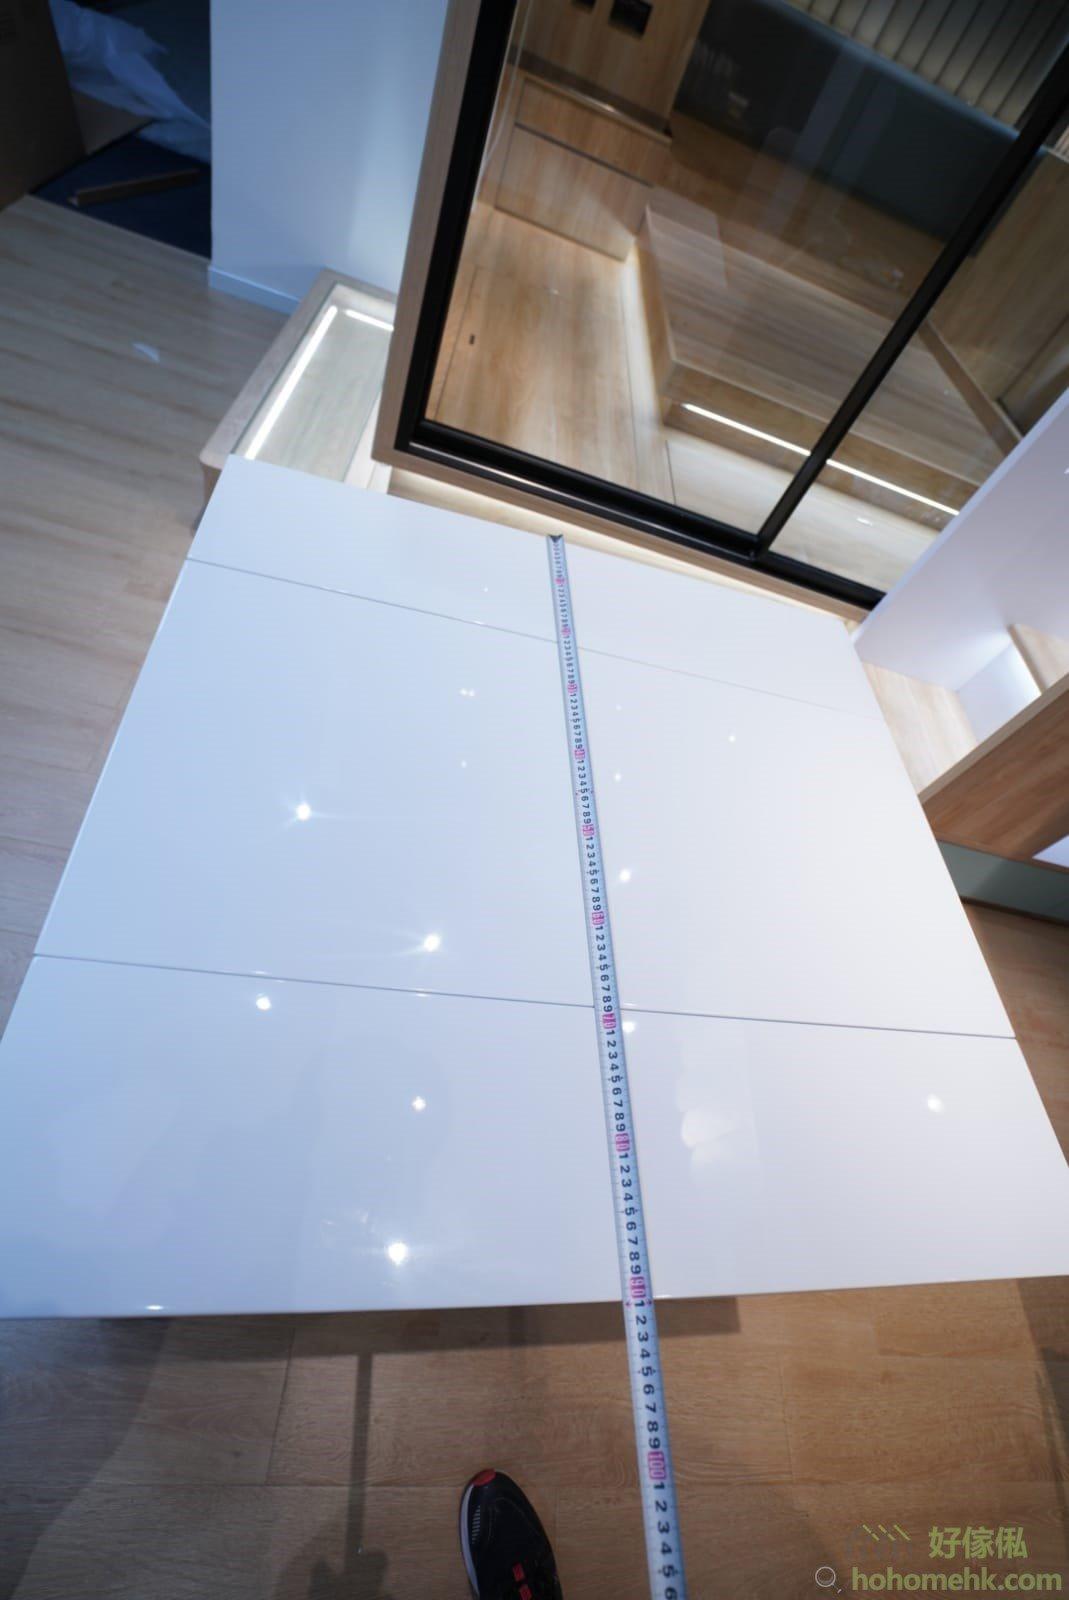 一塊枱面板放下時,伸縮餐枱的長度是